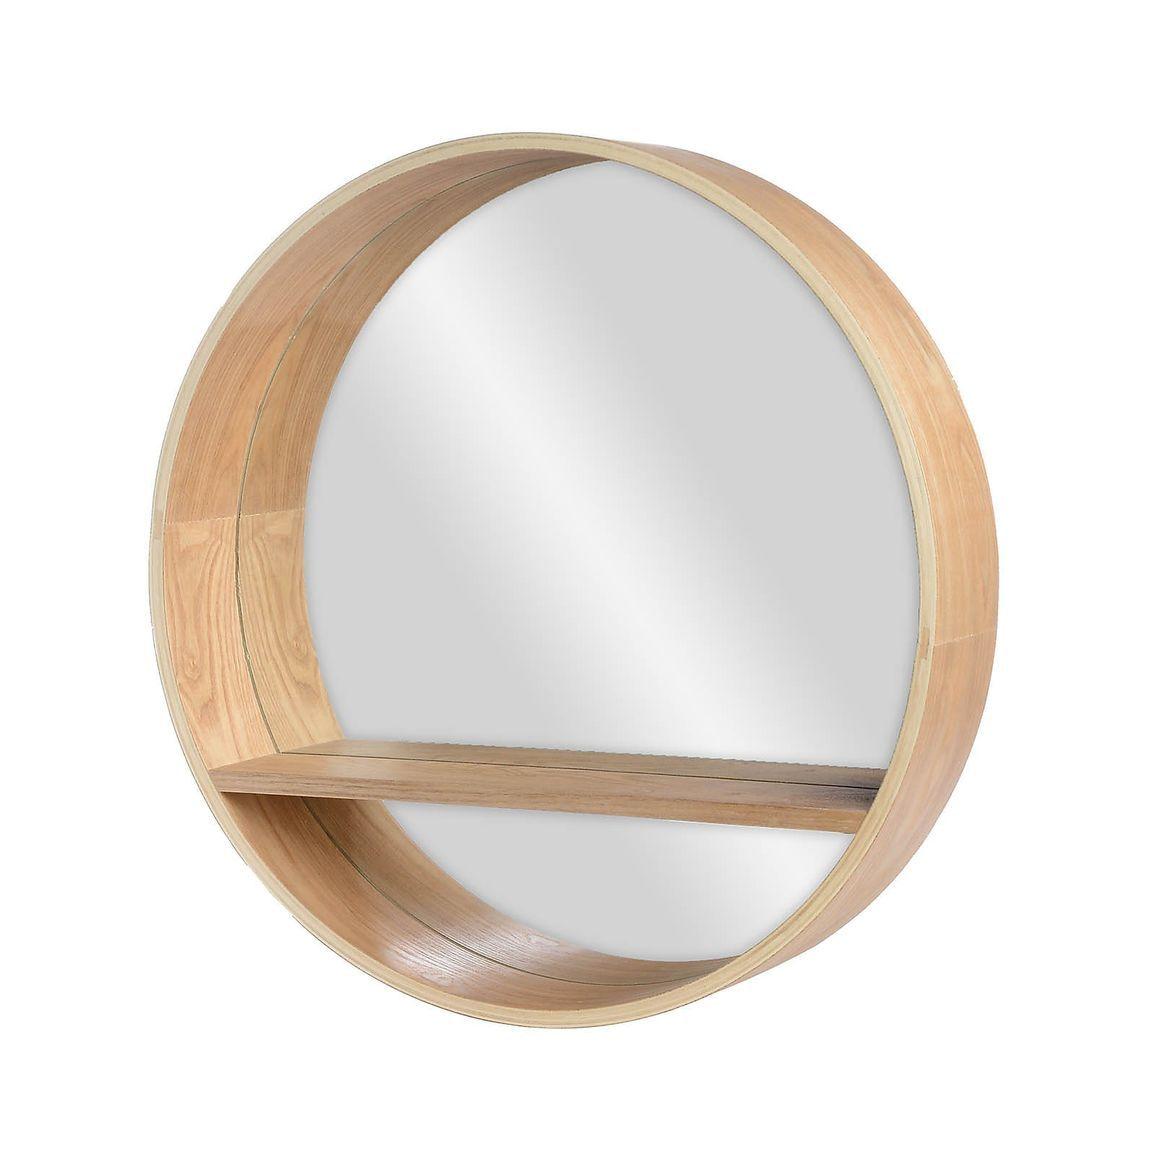 Spiegel Mit Ablage D 50cm Natur Spiegel Mit Ablage Spiegel